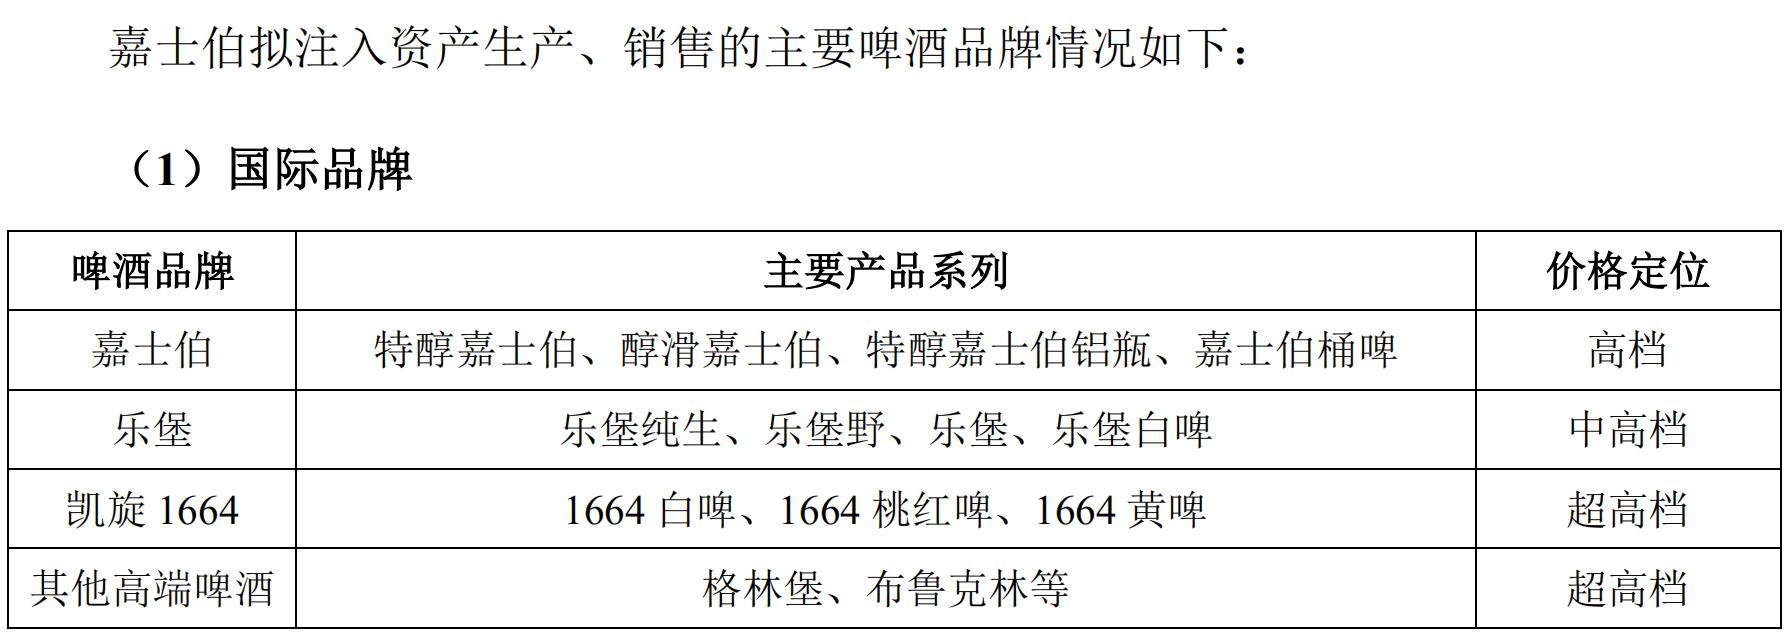 """重庆啤酒网红品牌""""夺命大乌苏""""将走入资本市场嘉士伯拟向重庆啤酒注入11家酒厂"""